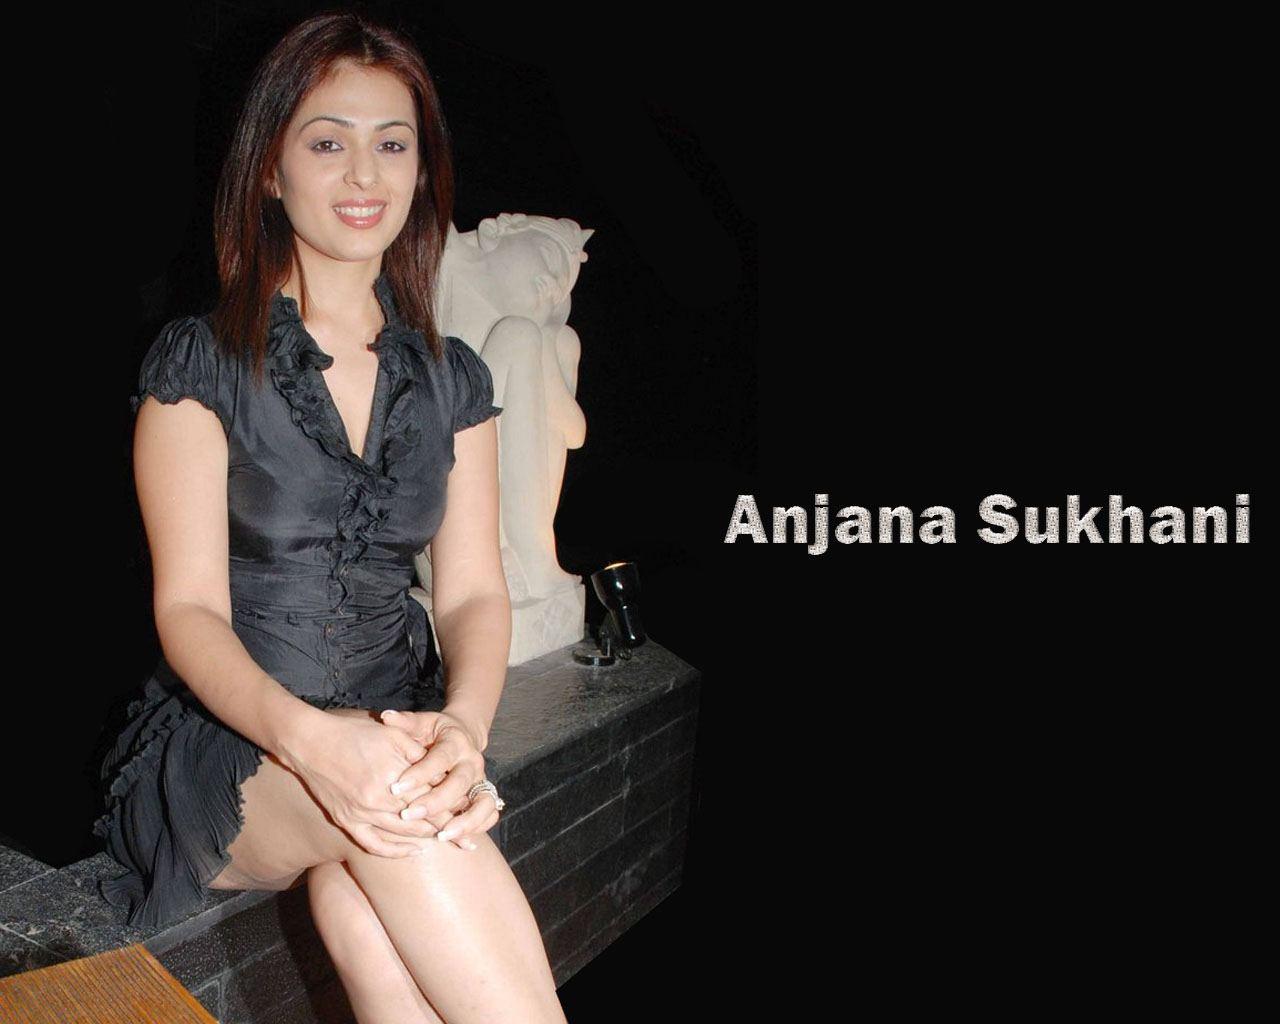 Anjana-Sukhani-hot-and-legs-hd-wallpaper